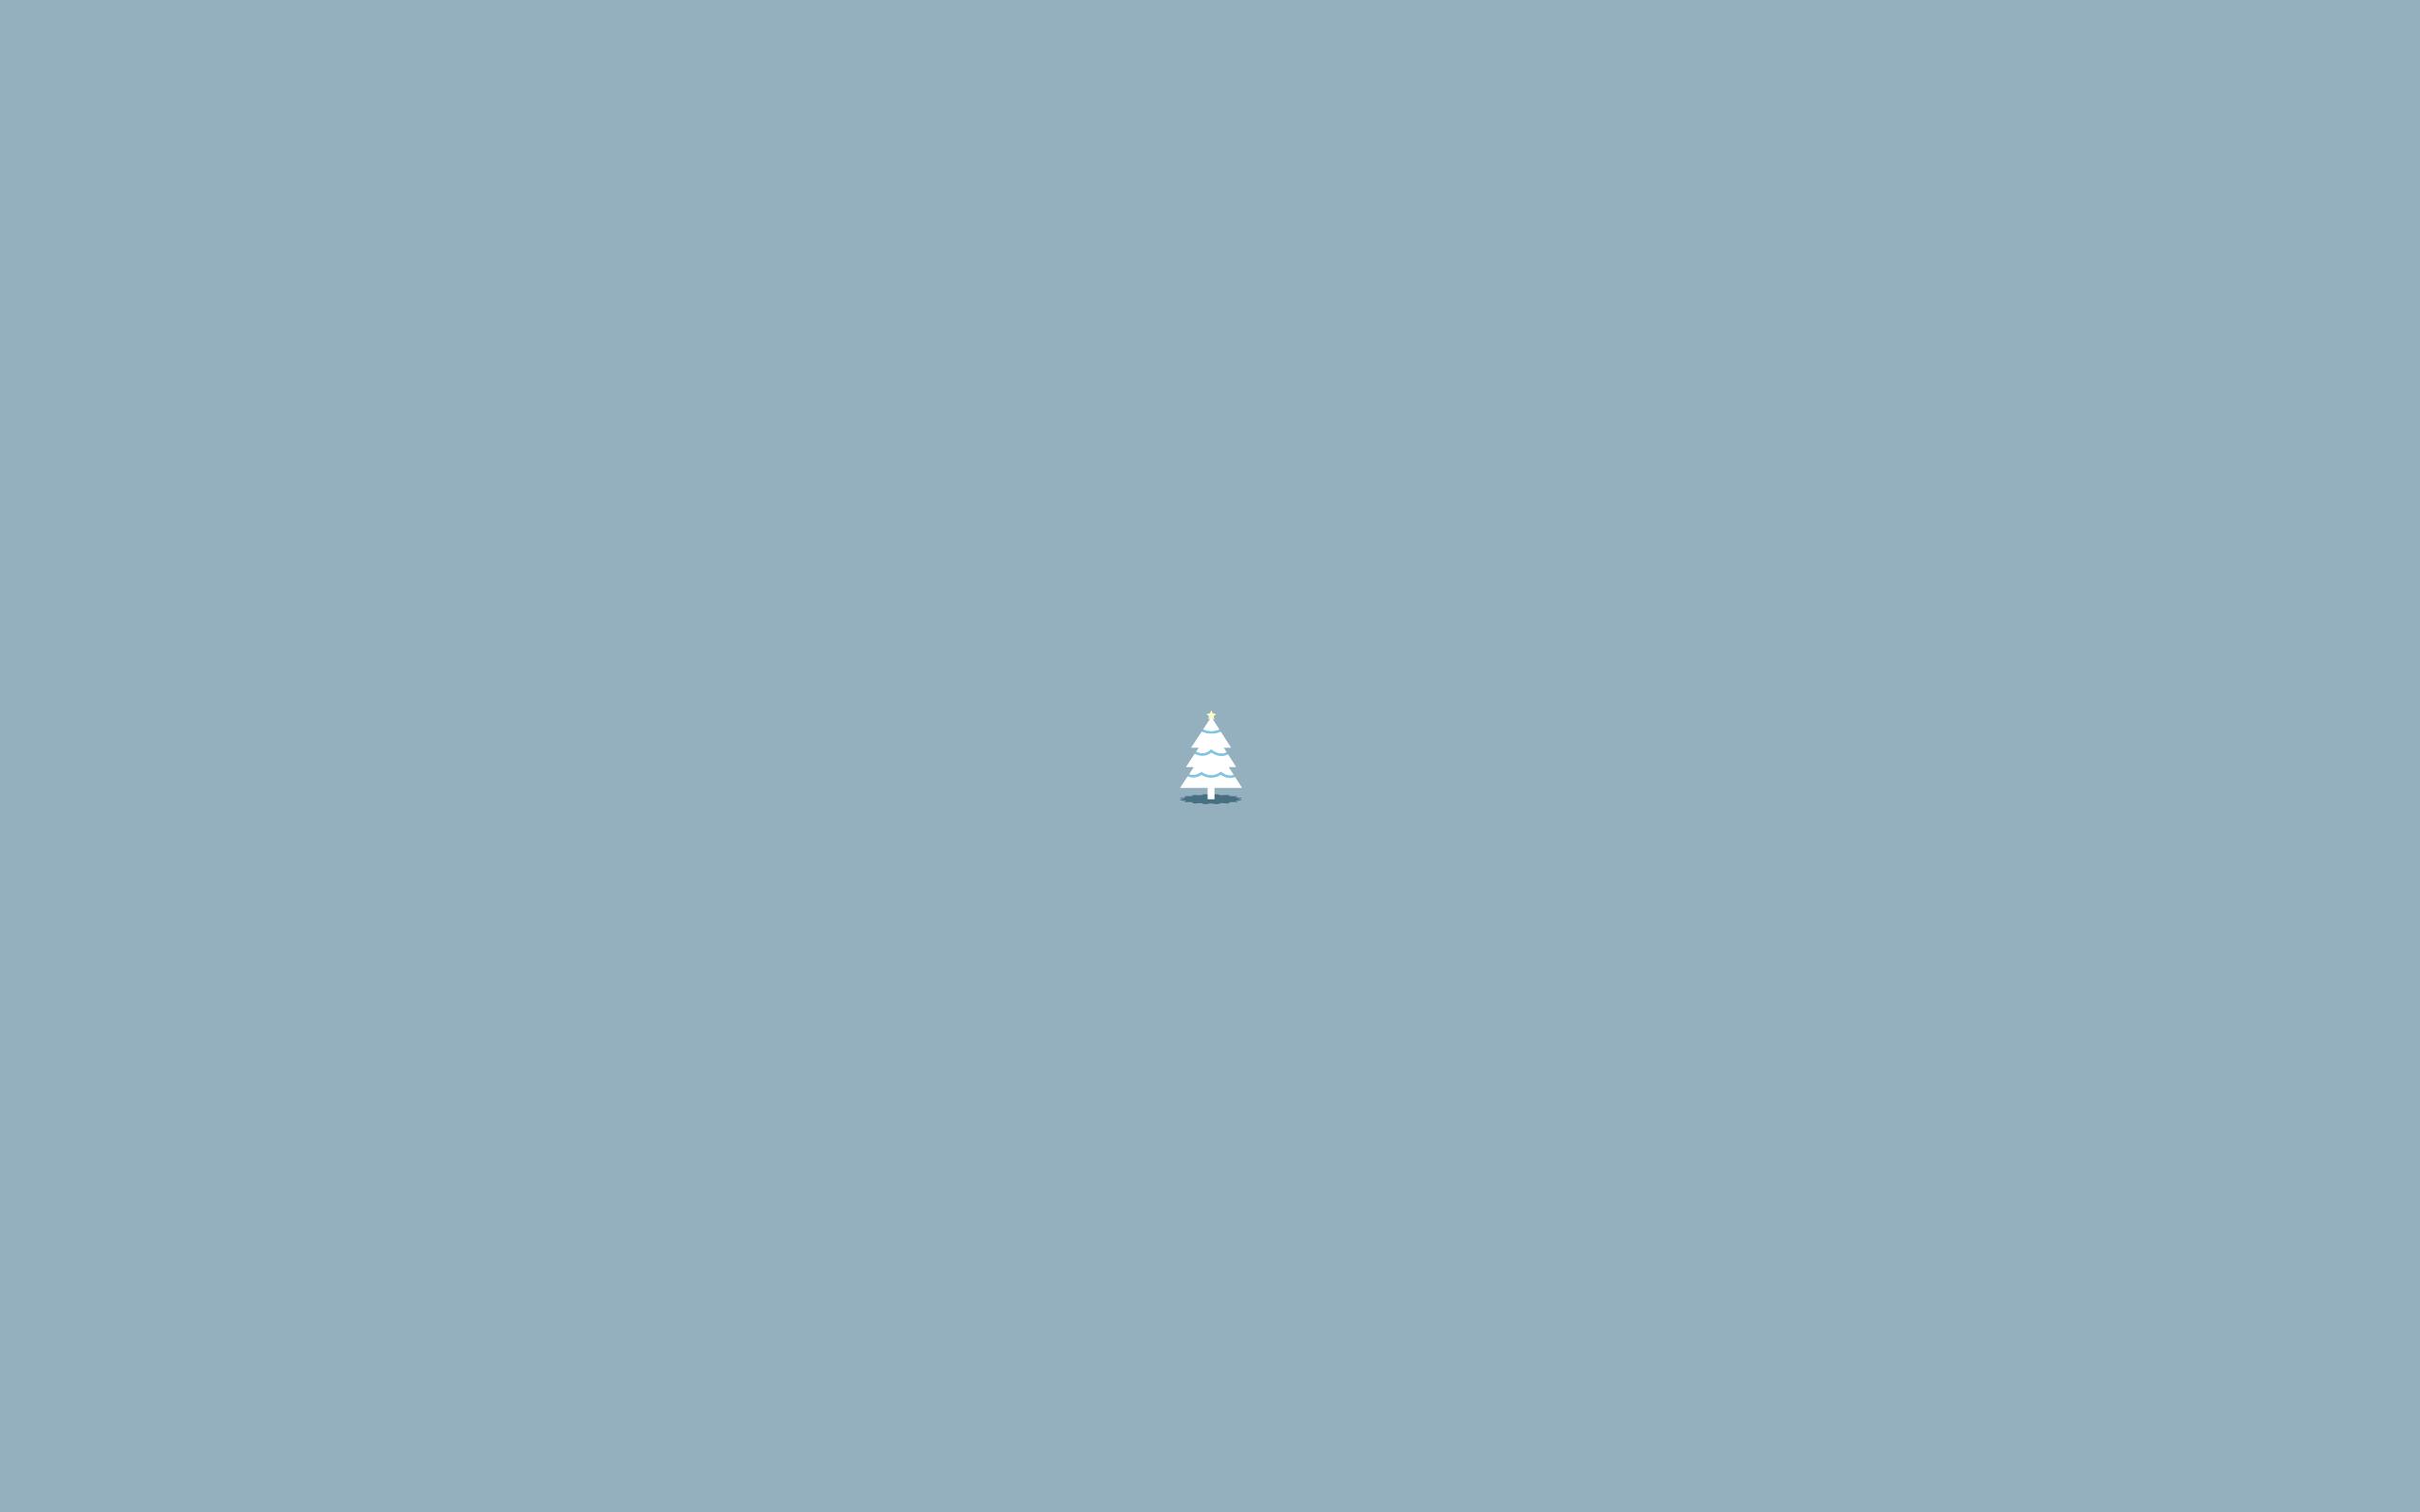 【壁纸向】极简风/08 - acfun弹幕视频网 - 认真你就